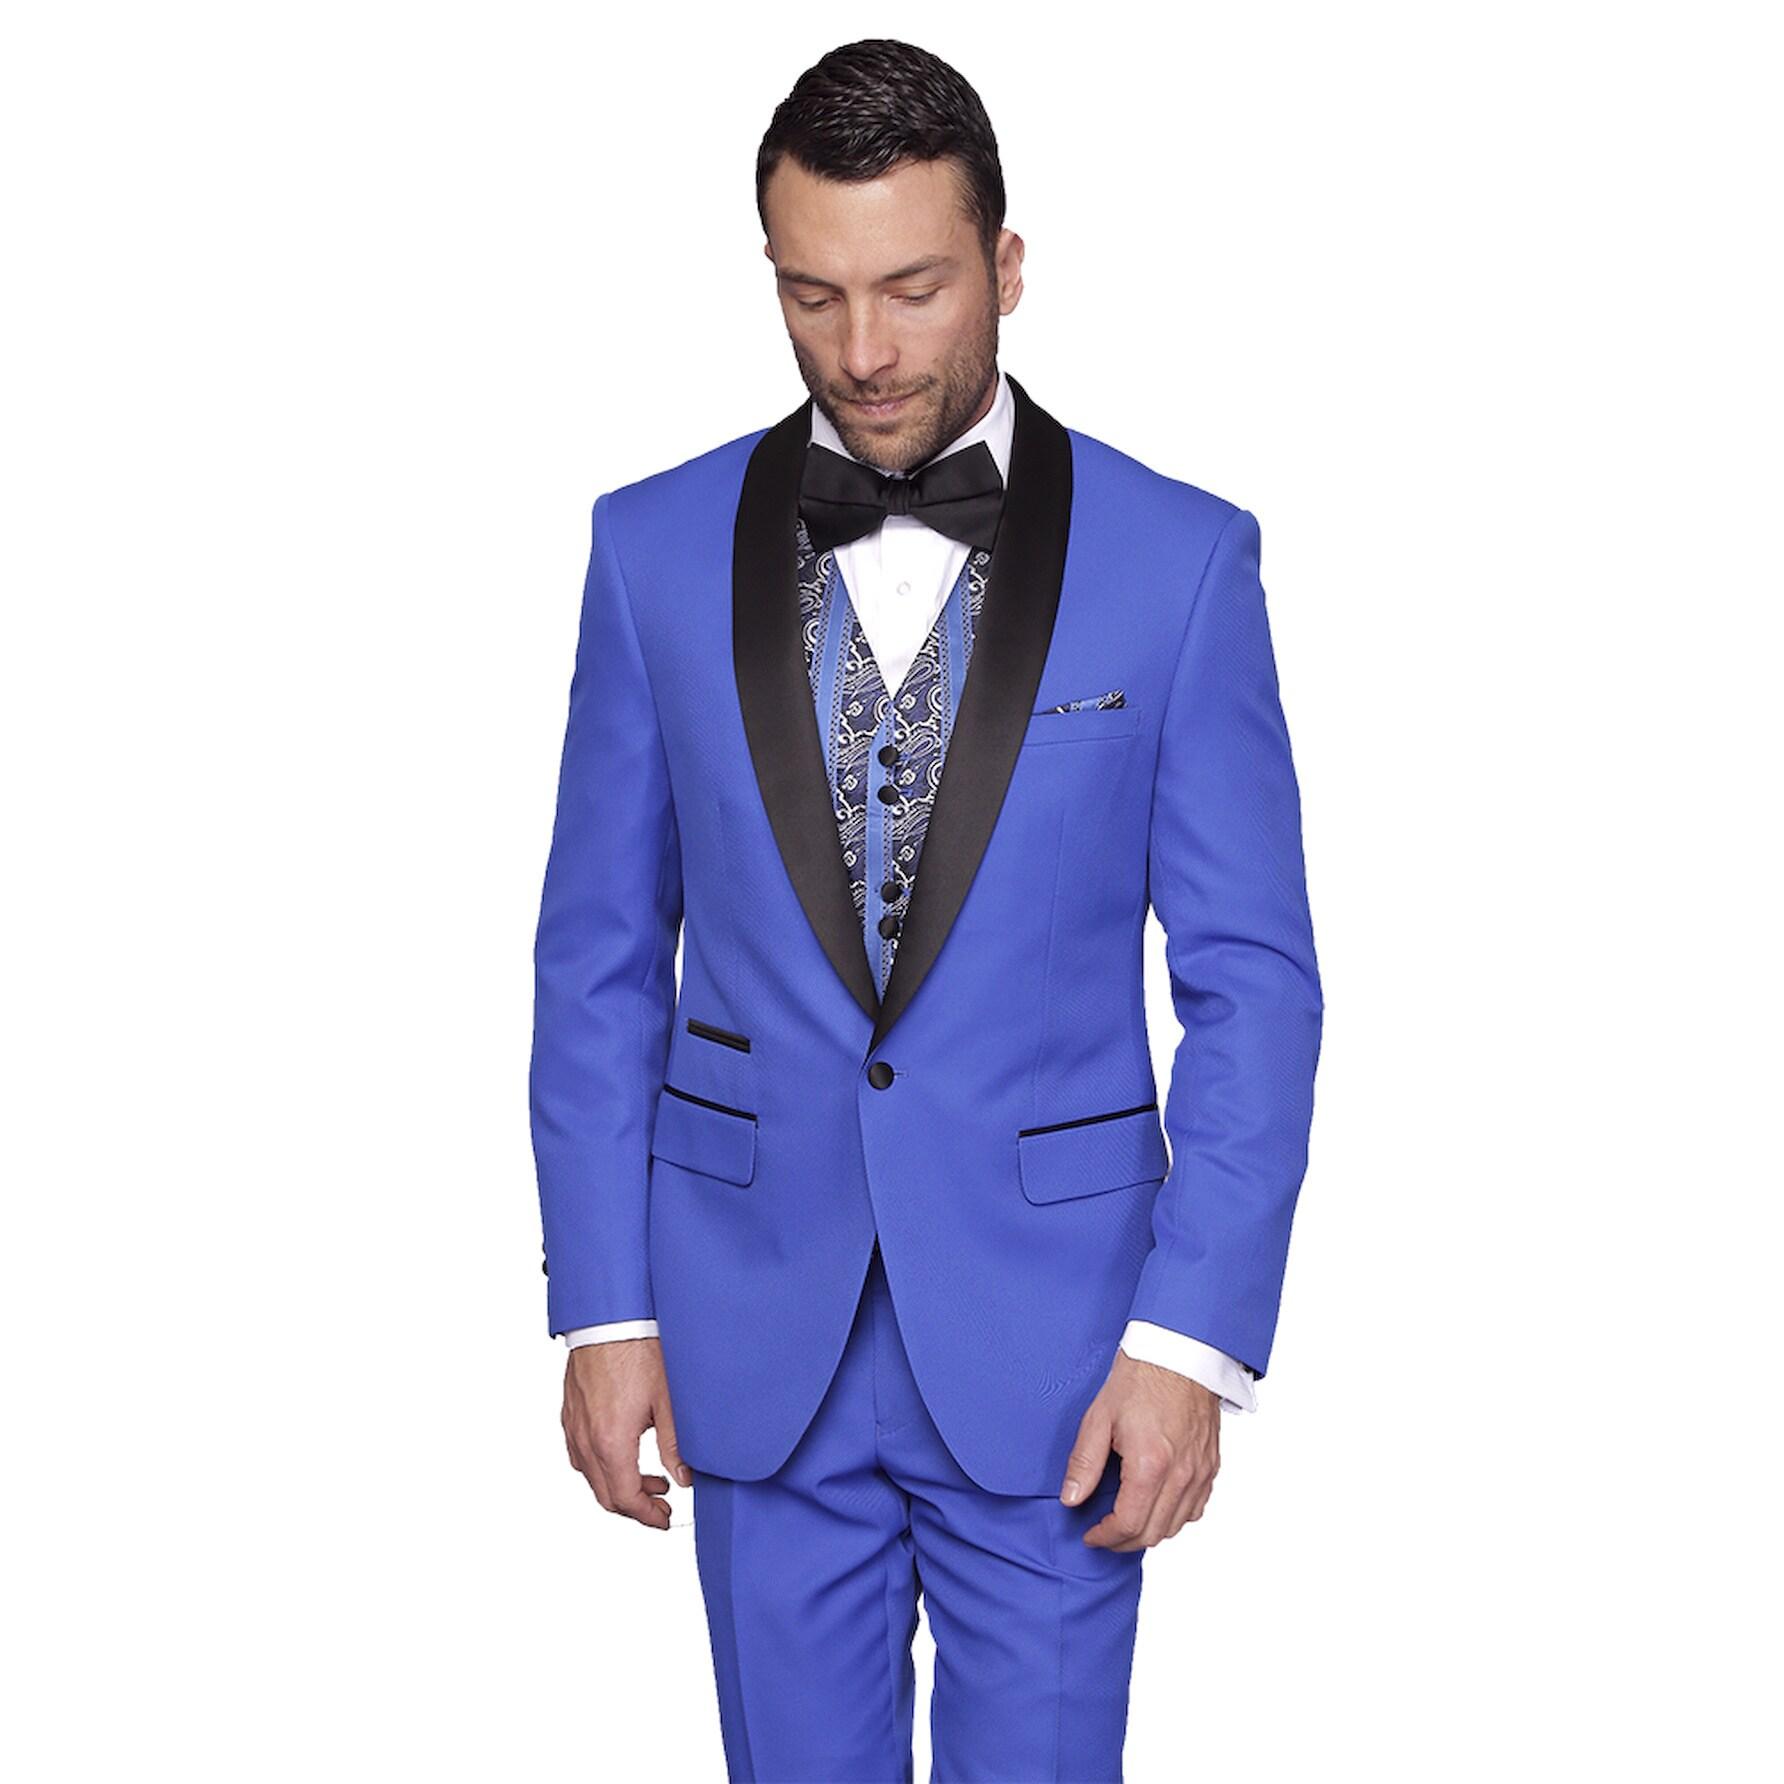 Statement Men's Capri Royal Tuxedo Suit (44L), Royal Blue...